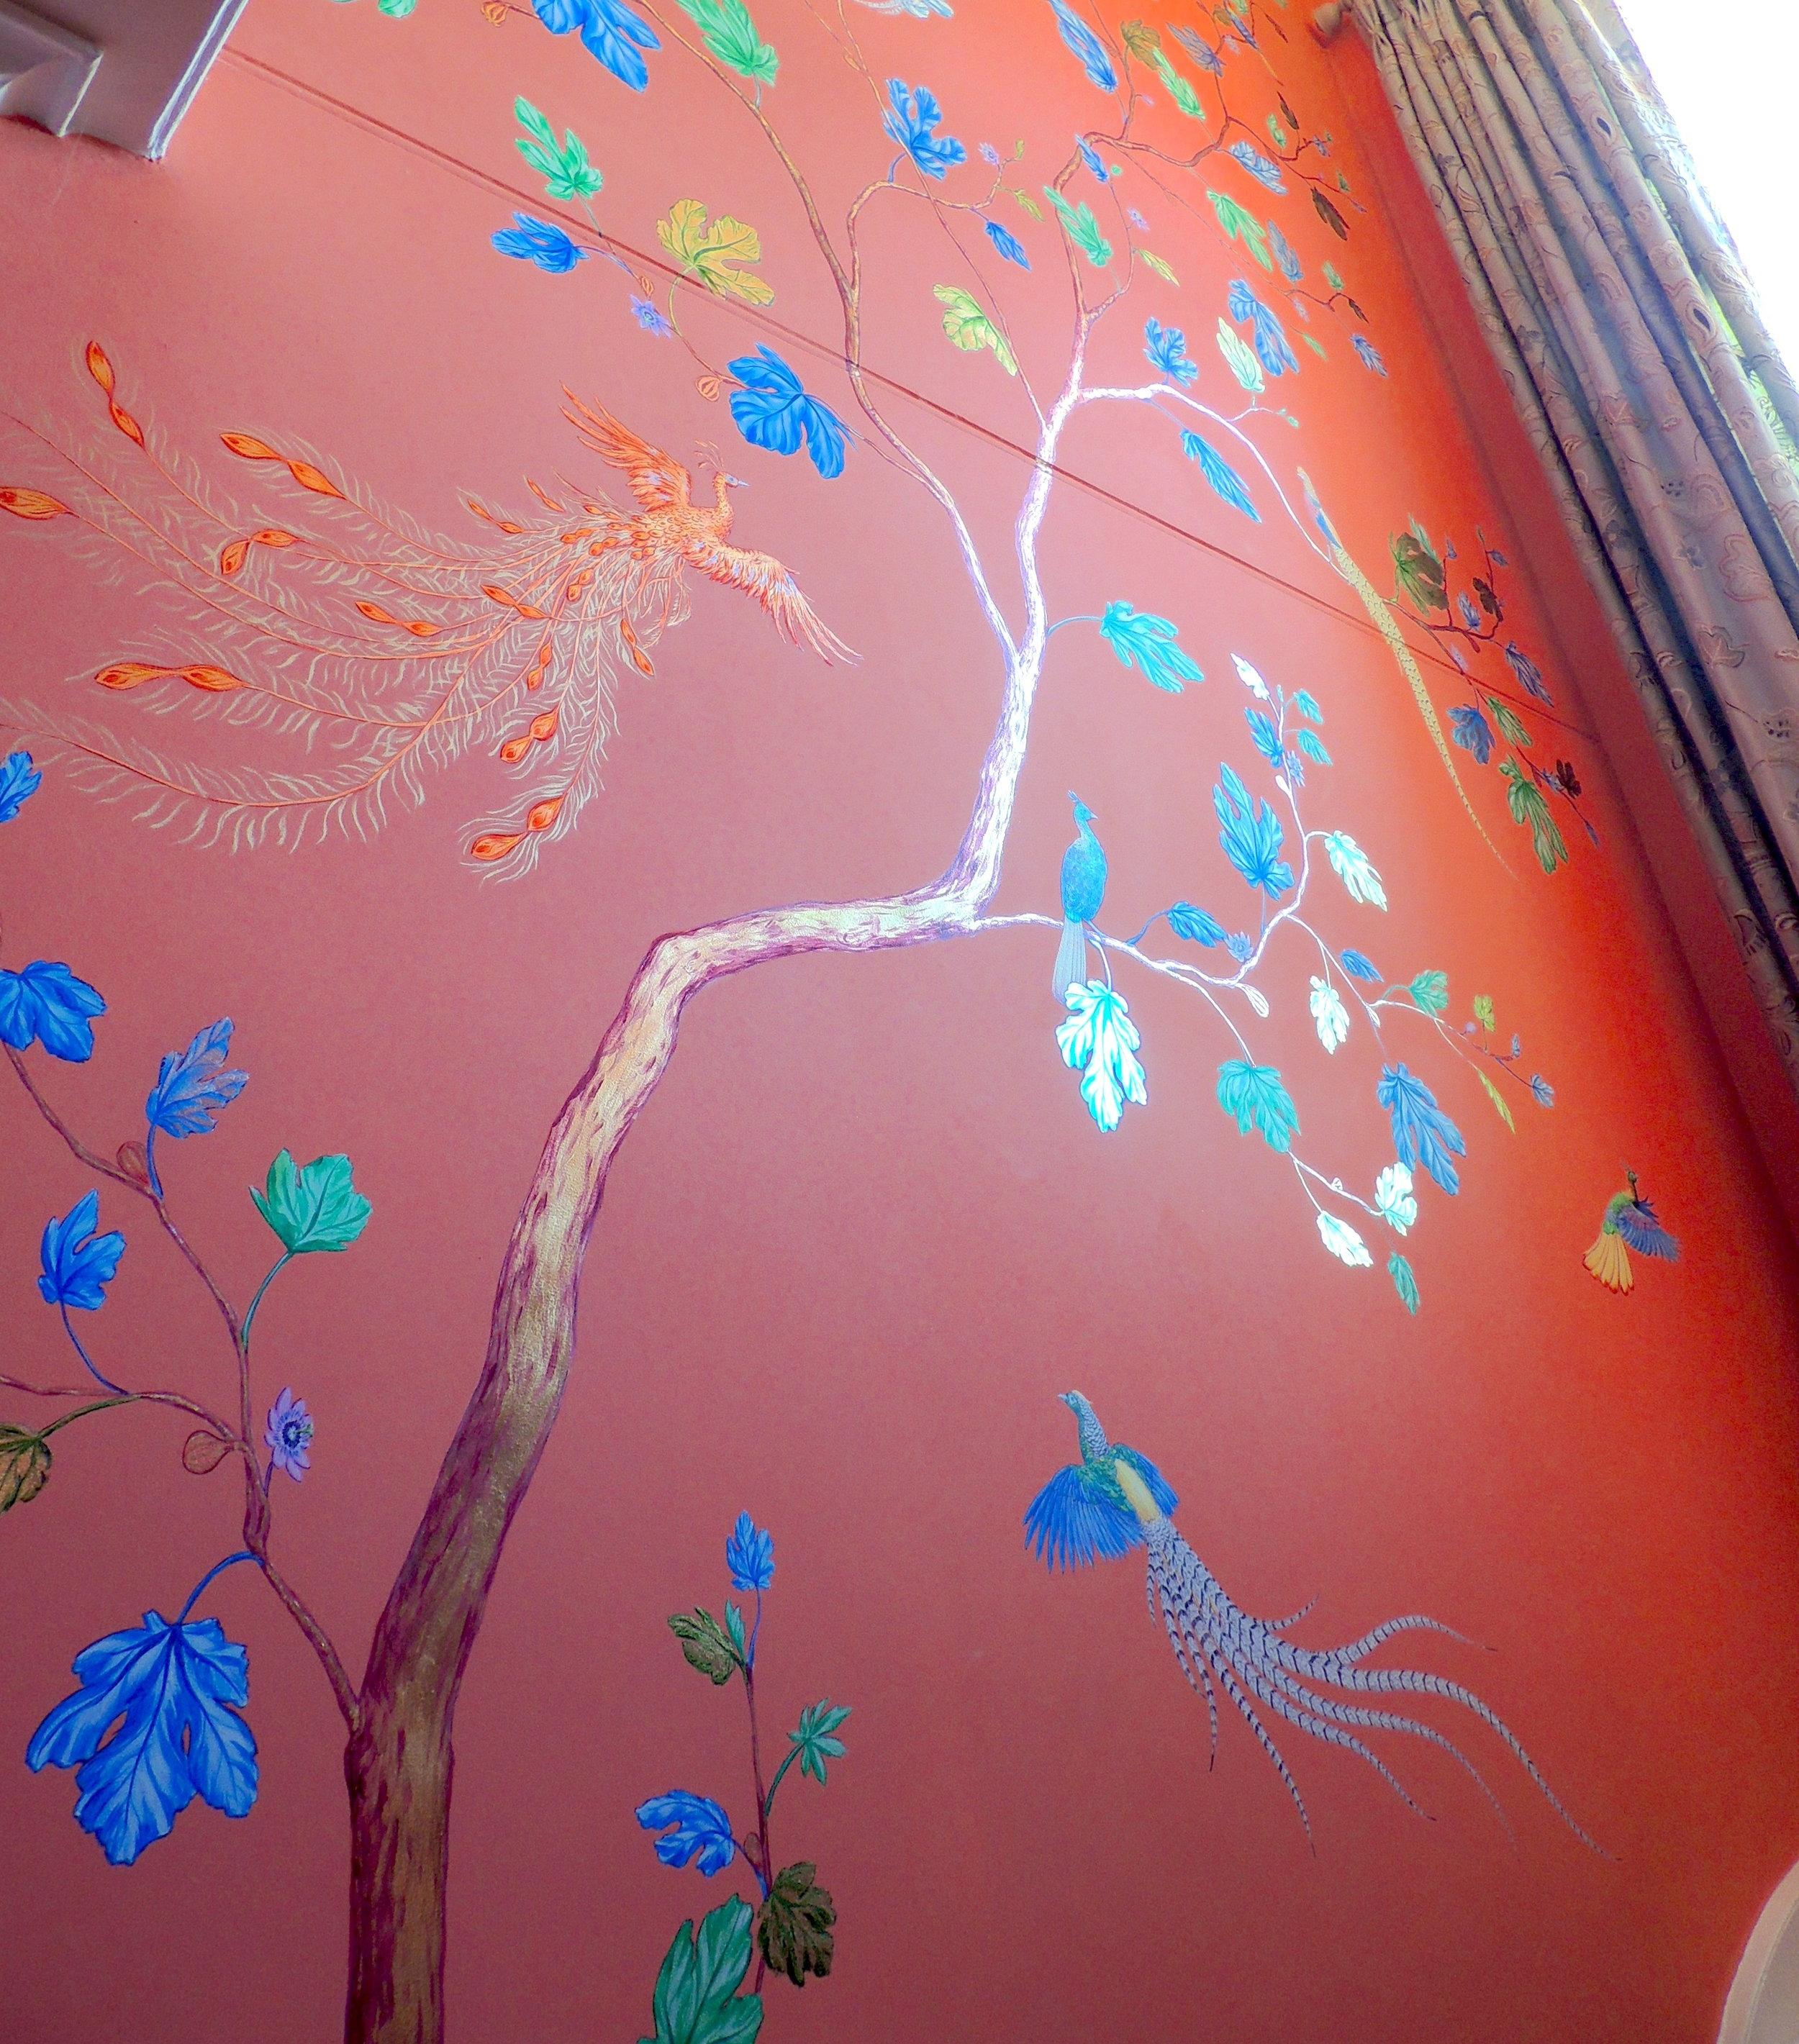 Wall mural for Cozmo Jenks,  Frederick Wimsett, bespoke wall art